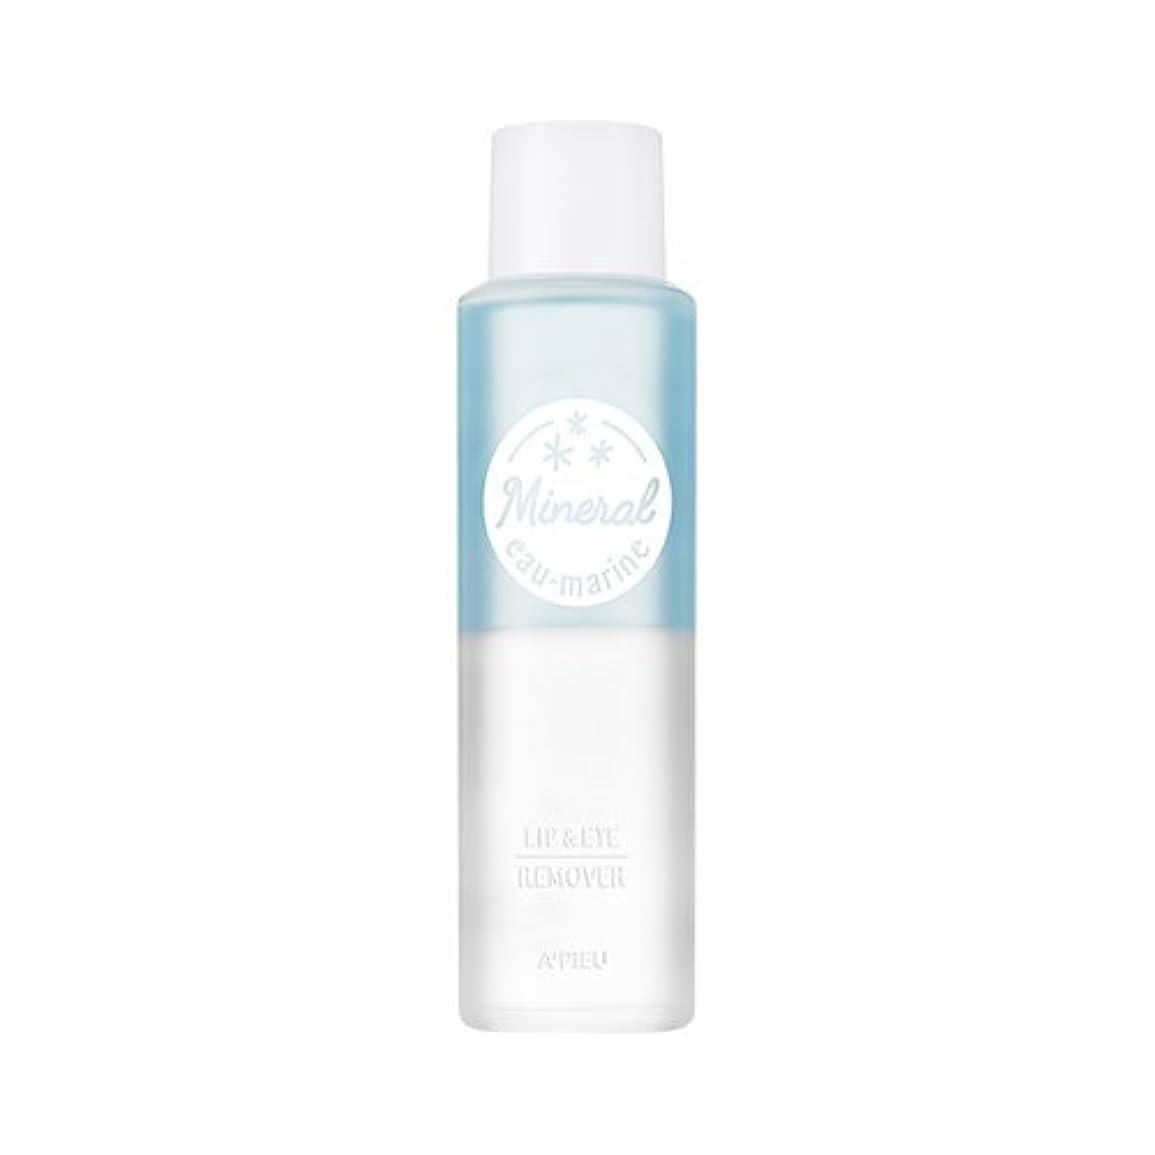 生む用心する銀河APIEU Mineral Lip and Eye Make Up Remover 250ml (eau-marine) / アピュ ミネラル リップ?アイ メイクアップ リムーバー(大容量) [並行輸入品]